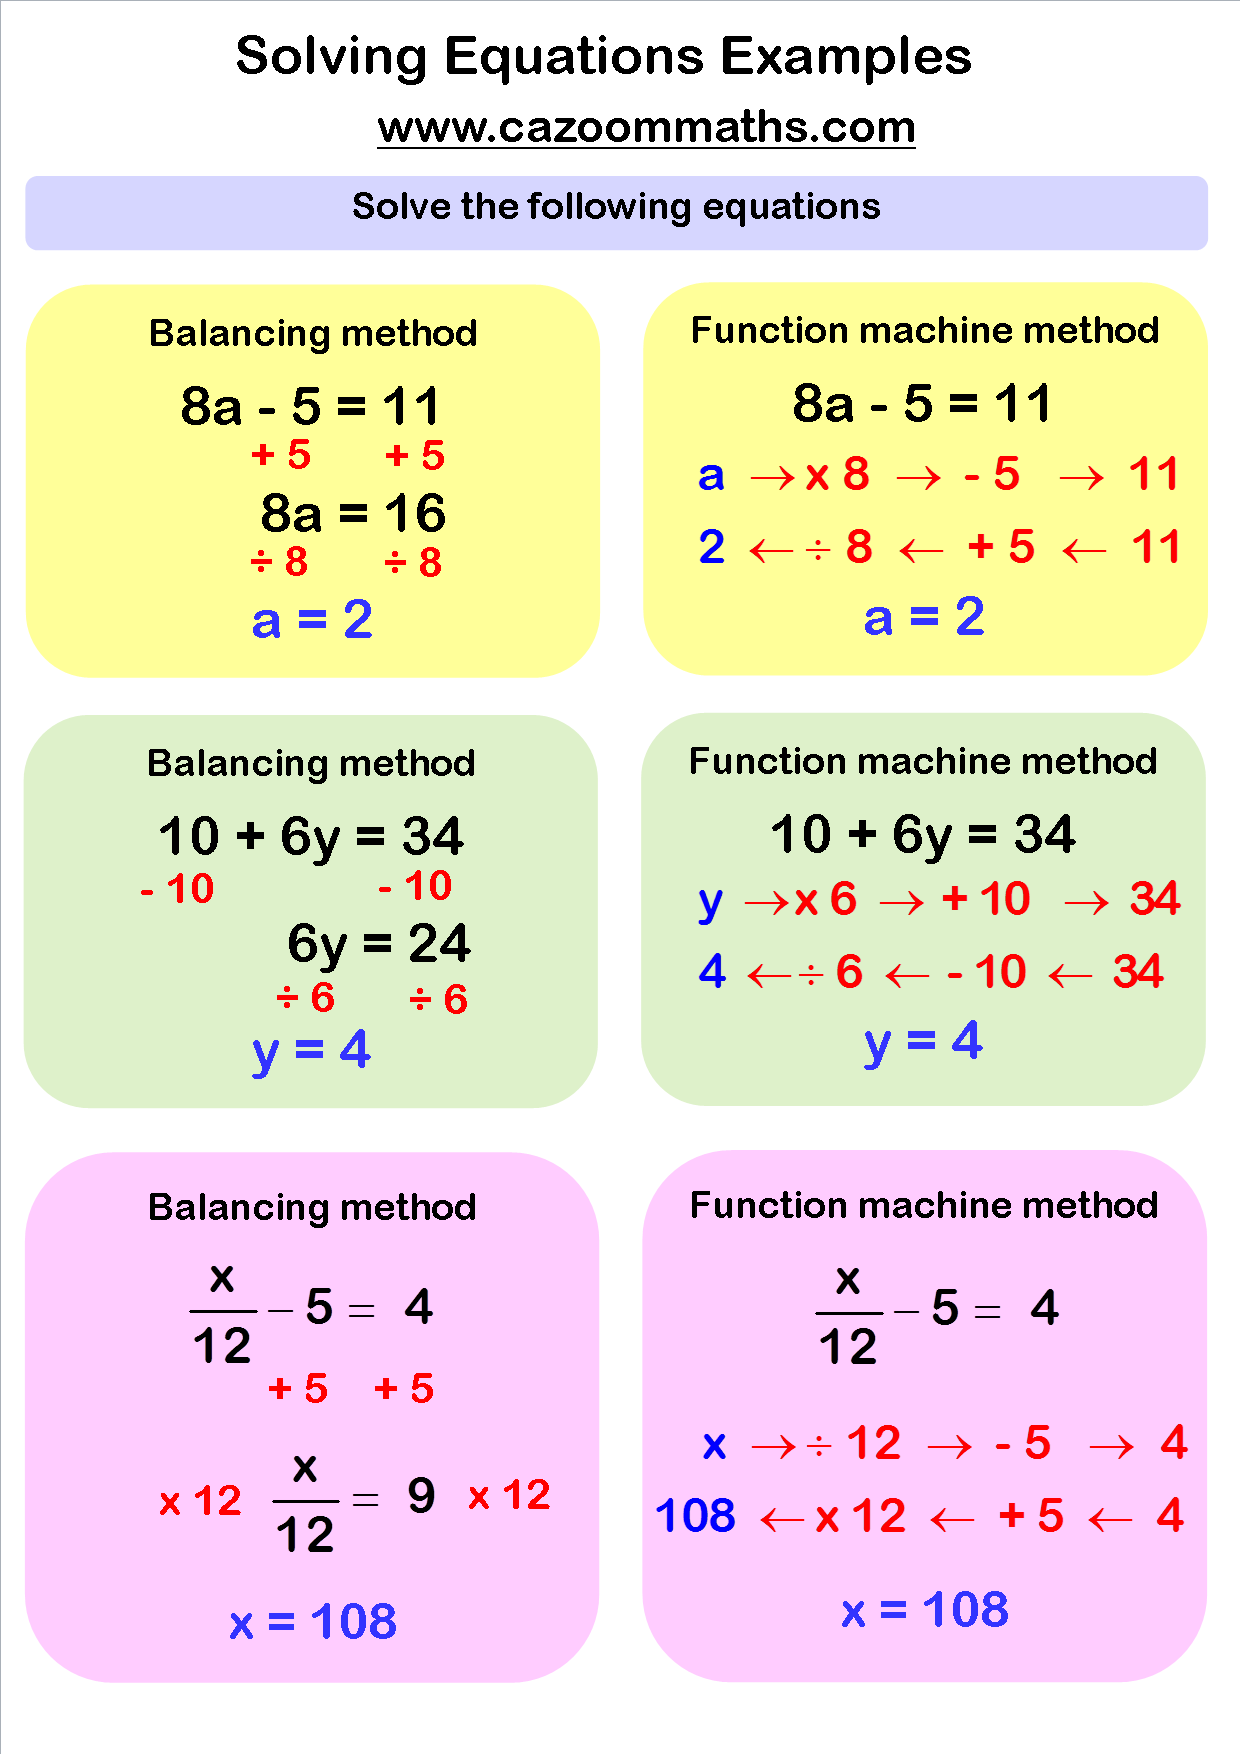 medium resolution of Solving Equations Worksheets   Cazoom Maths Worksheets   Algebra worksheets